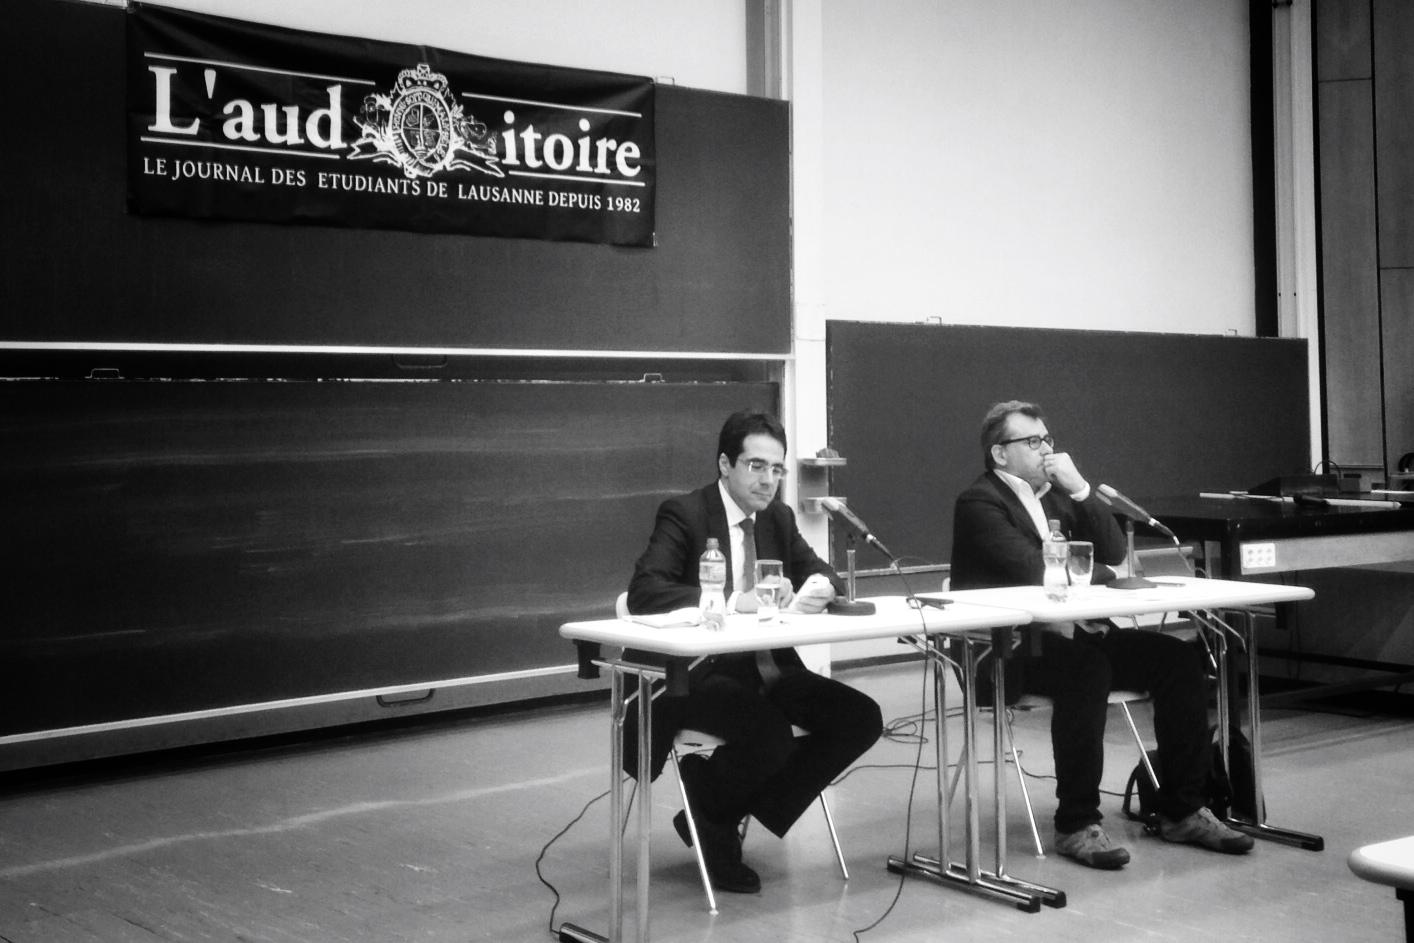 Darius Rochebin (RTS) et Fabio Lo Verso (La Cité) à l'Université de Lausanne